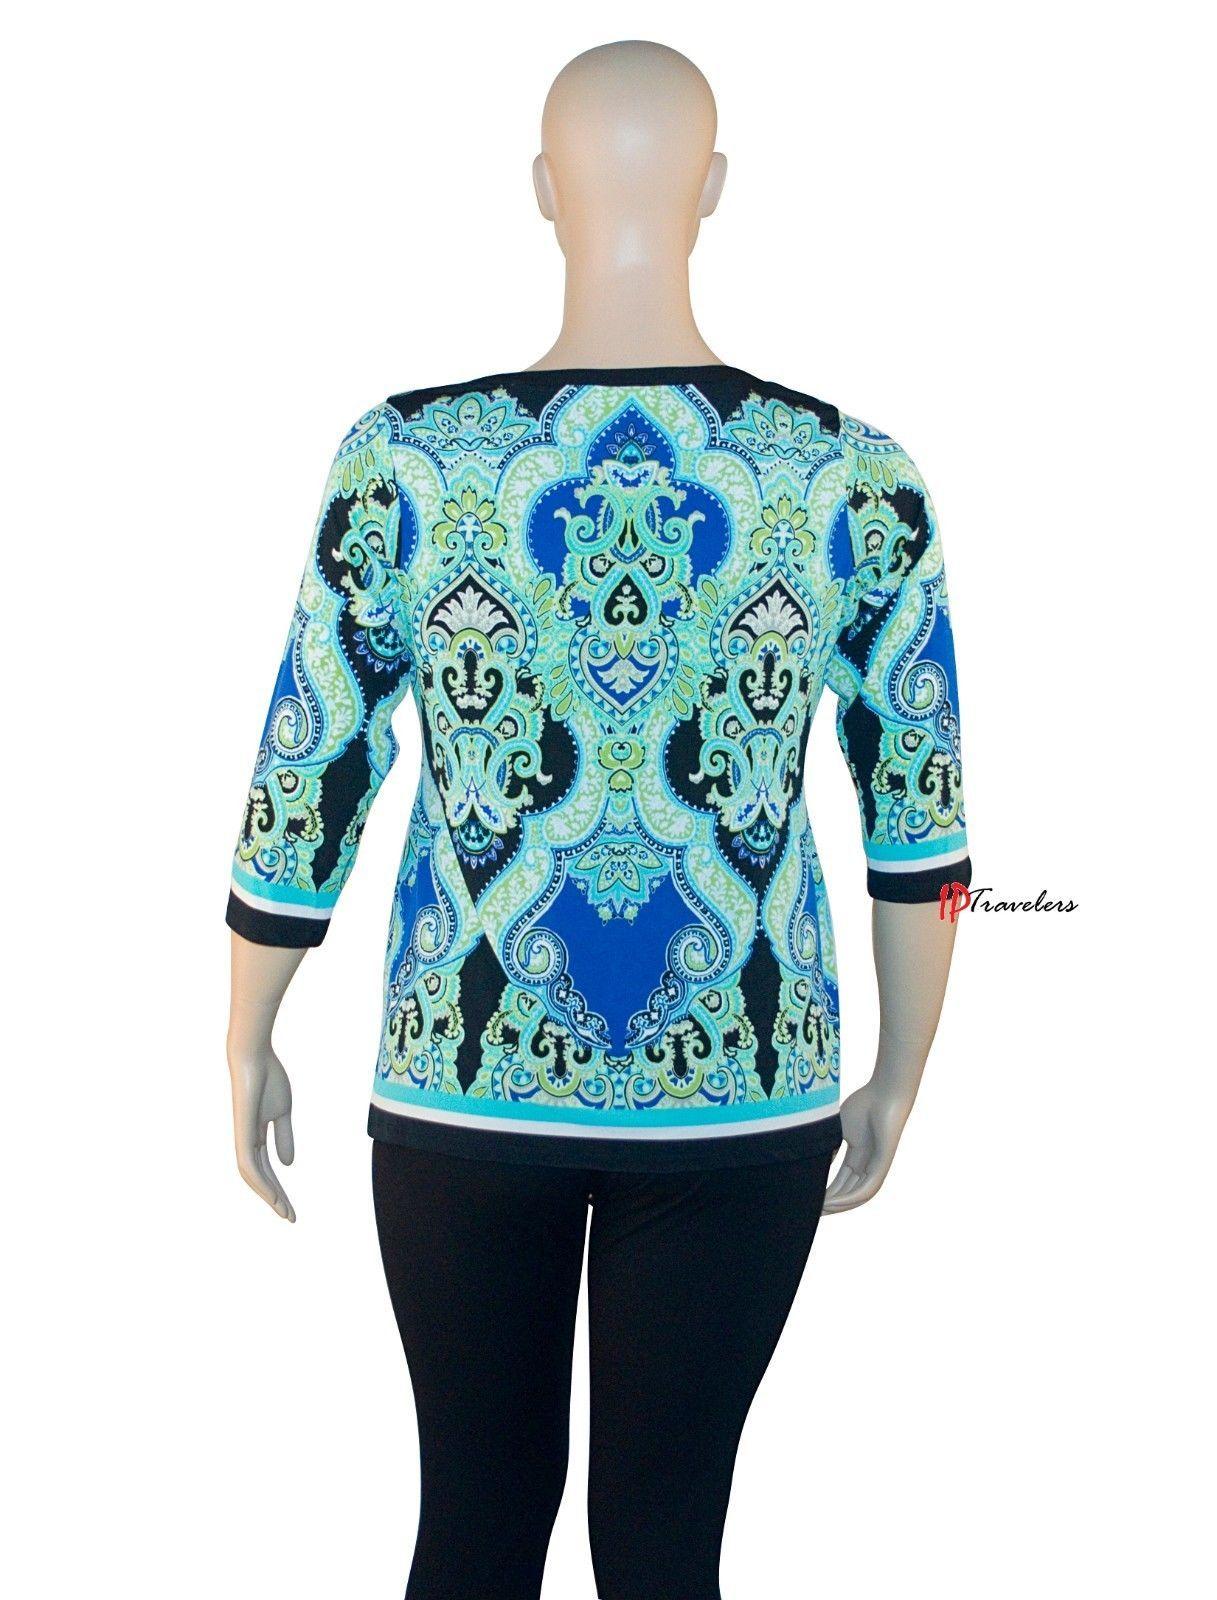 JM Collection Women's Top Blouse Plus 0X Blue Springtime 3/4 Sleeves $64